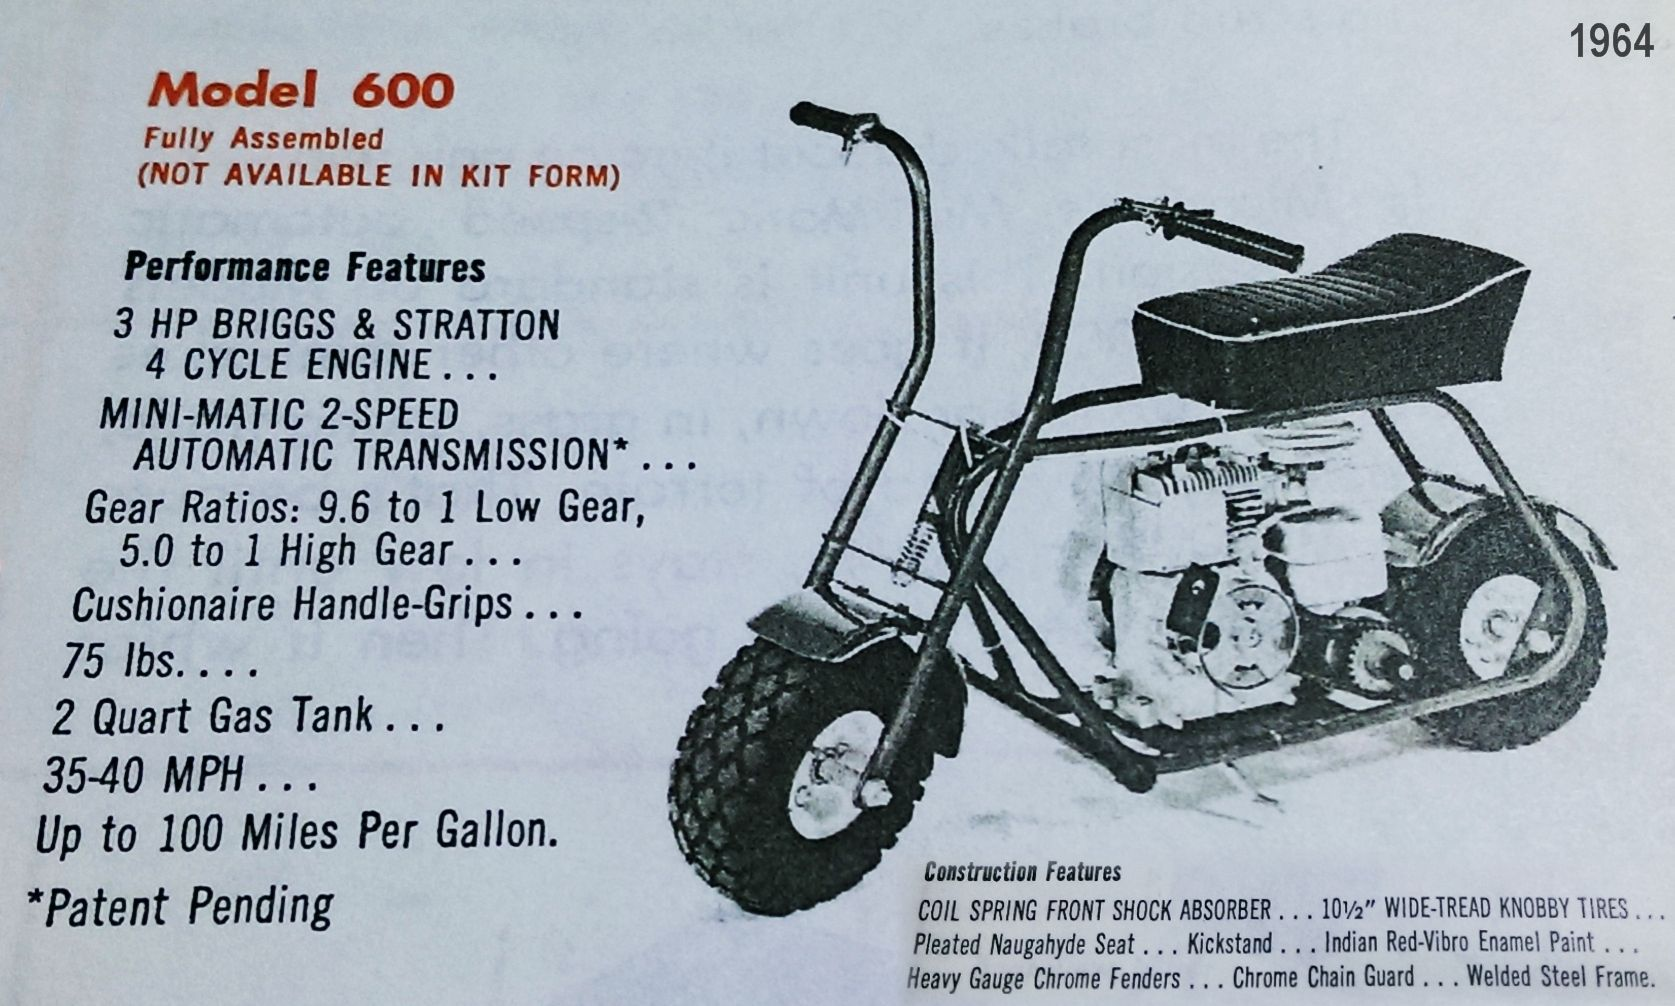 C E Ac Ef E Bd Ed F on Lil Indian Mini Bike